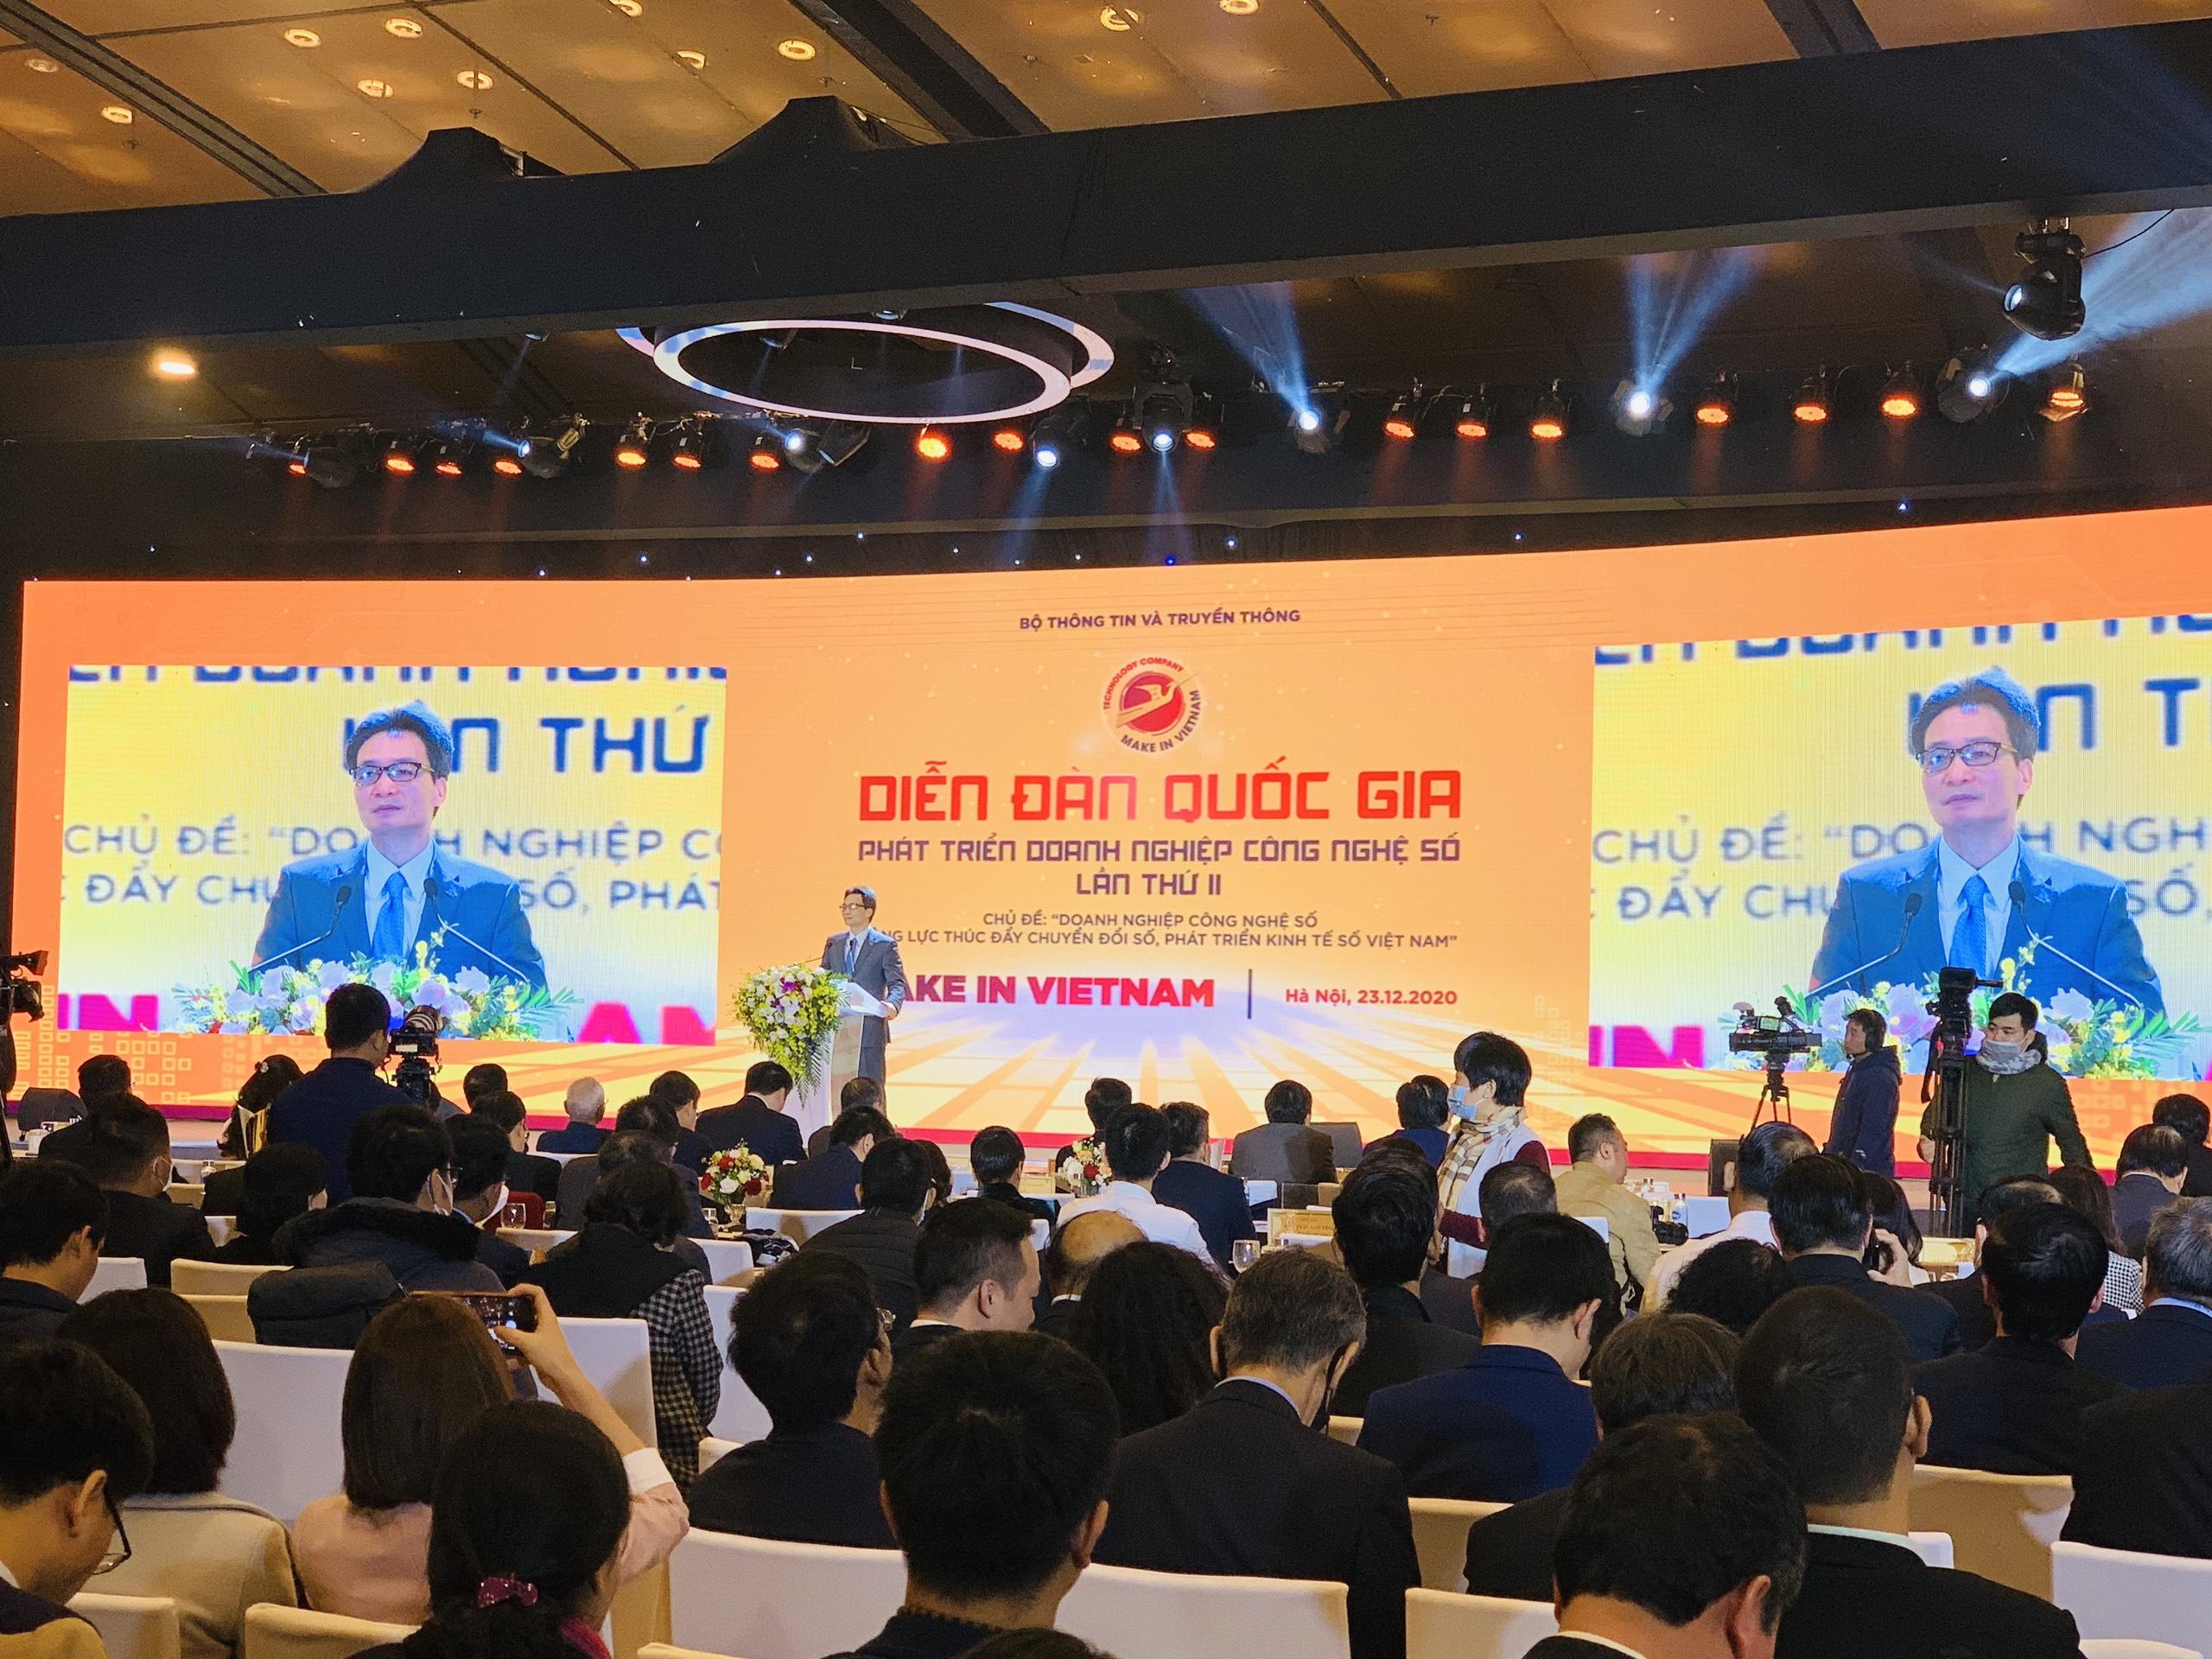 Tận dụng cơ hội chuyển đổi số để thúc đẩy kinh tế Việt Nam phát triển mạnh mẽ